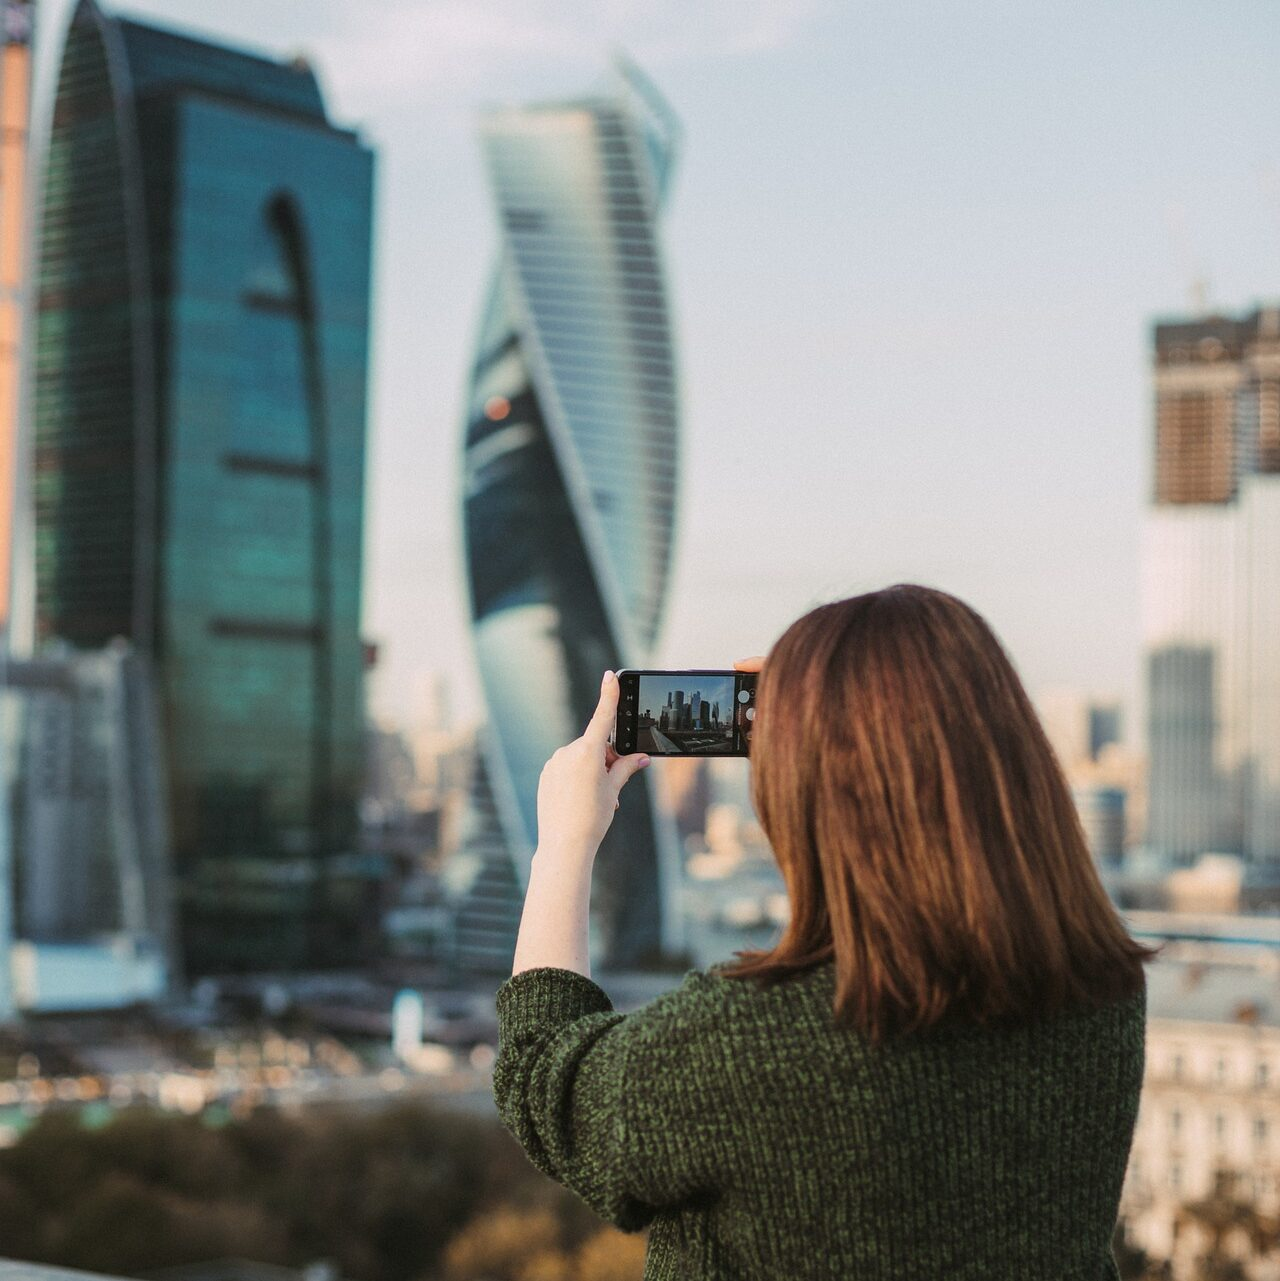 91% москвичей пользуются смартфонами, 78% покупают через них товары